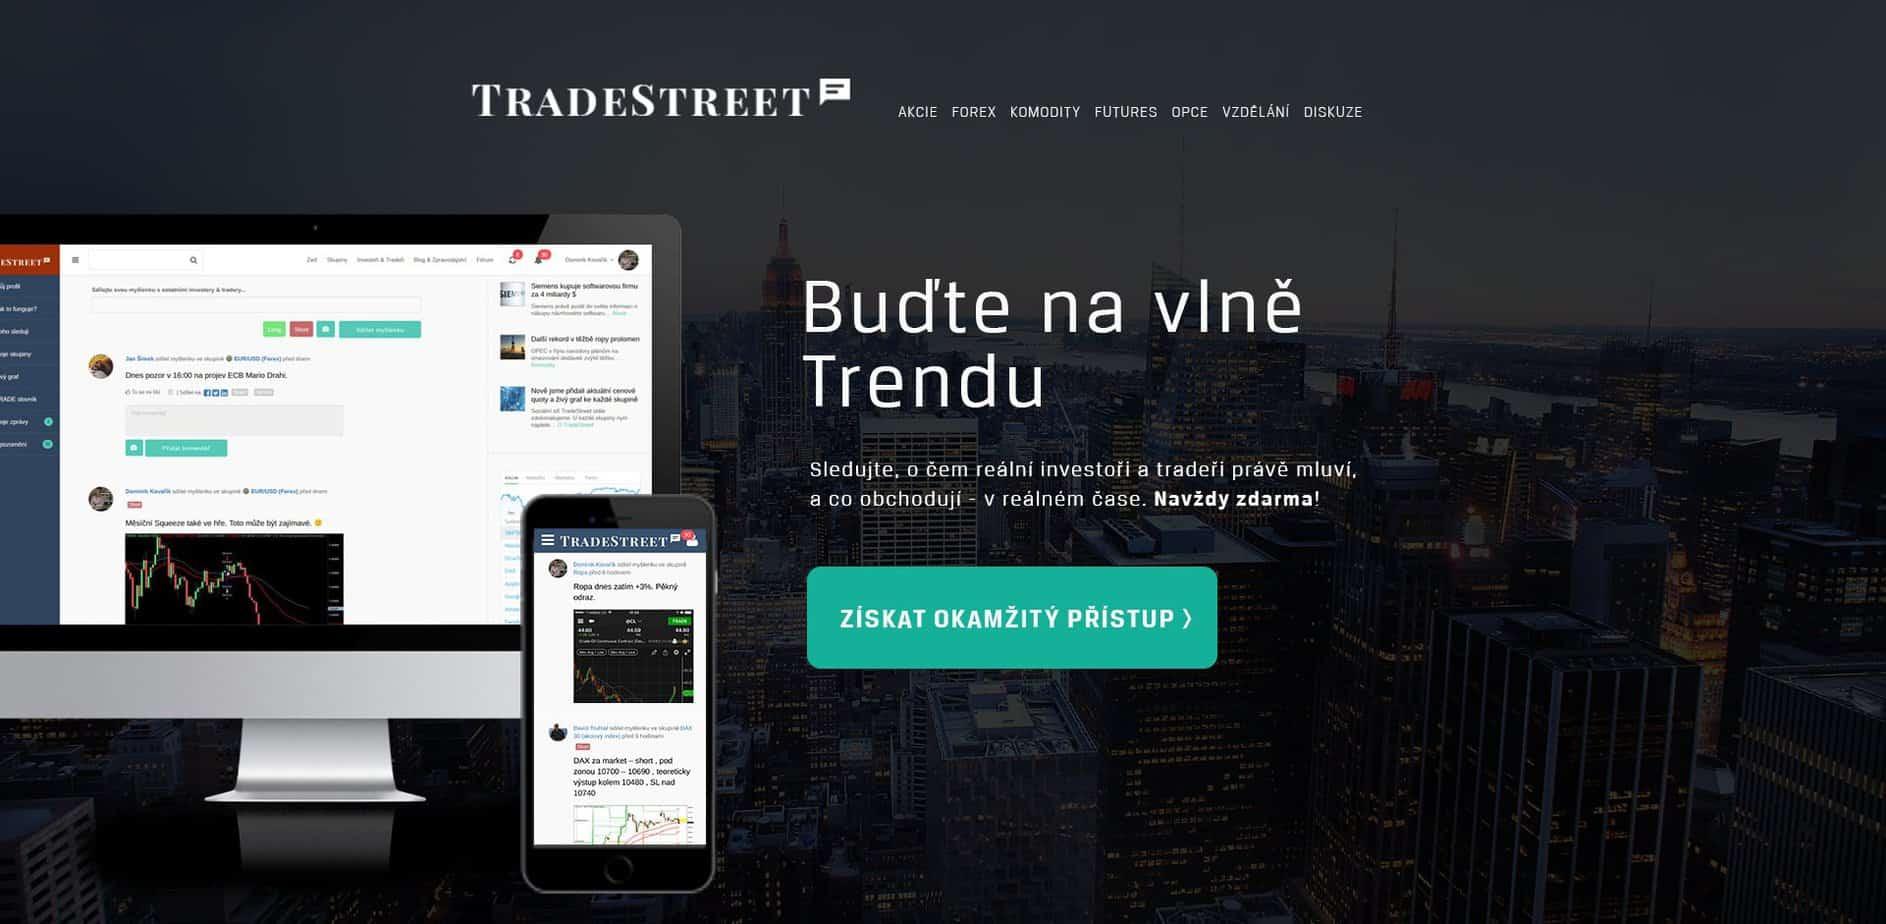 Sledujte mé živé obchody a strategie v reálném čase na TradeStreet